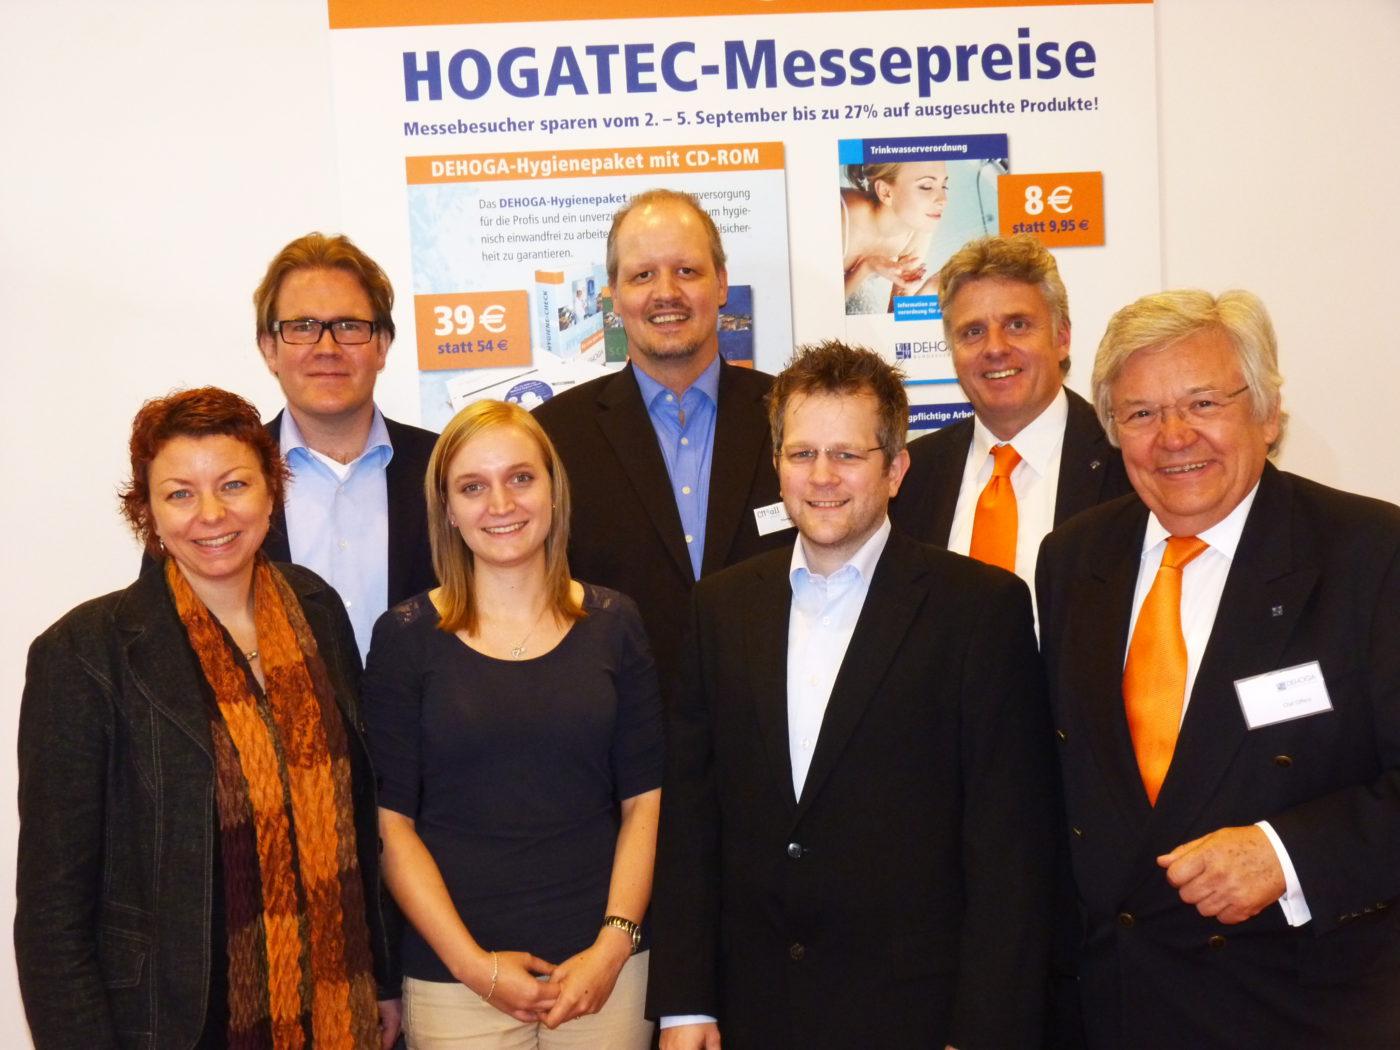 HOGATEC2012 002